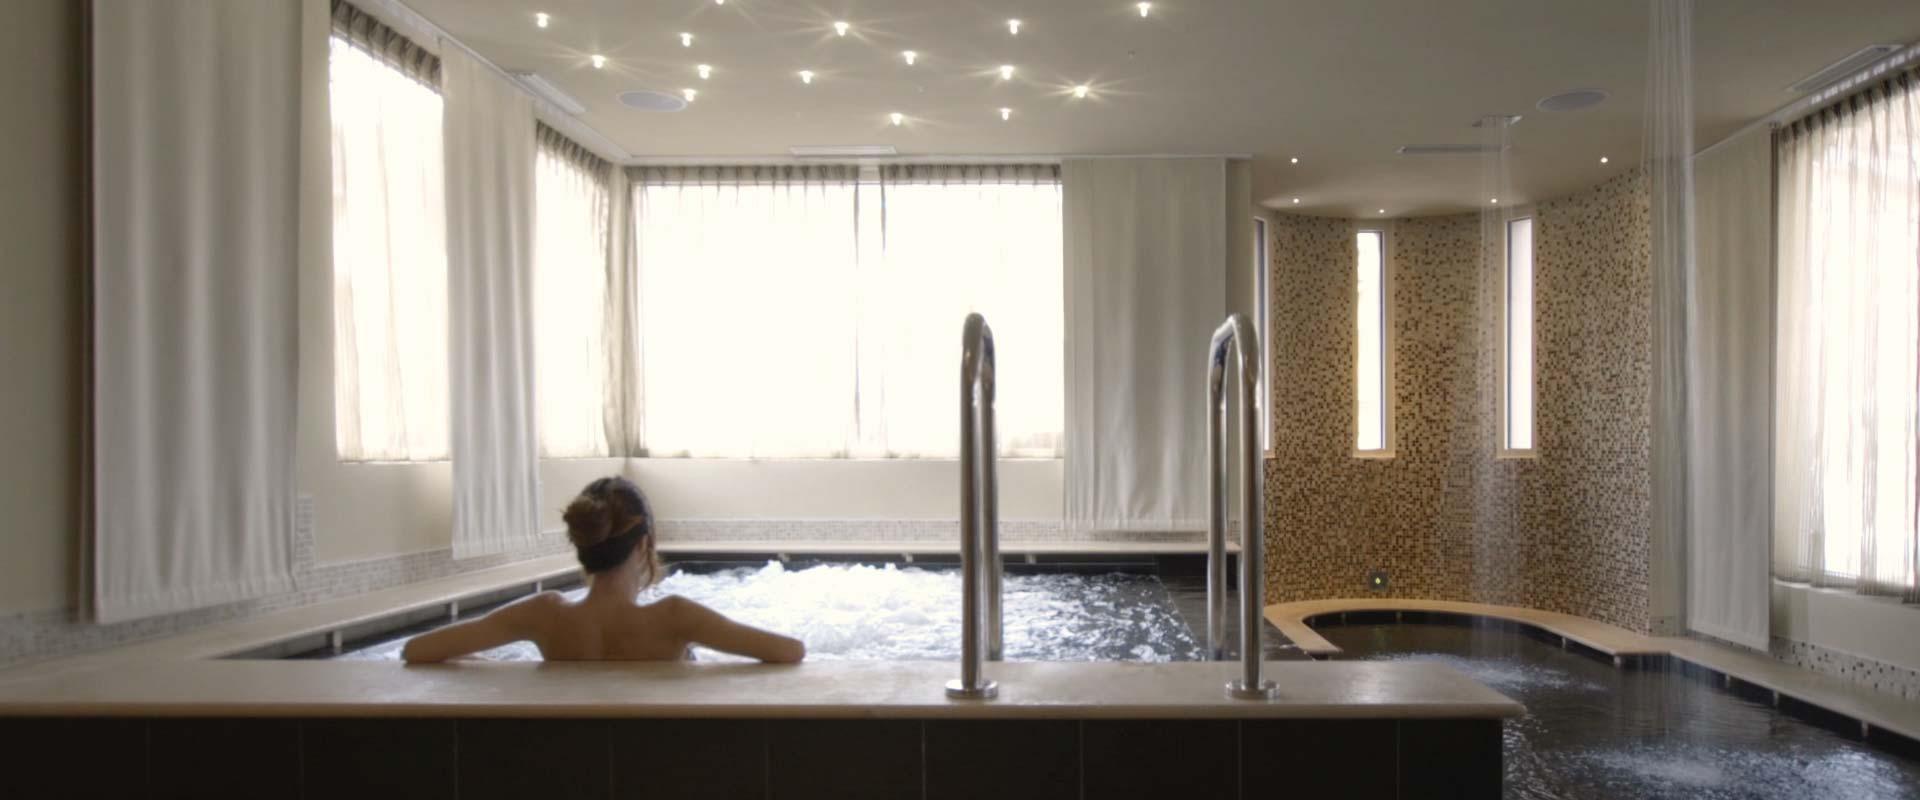 Hotel Andalo con Centro Wellness - SPA